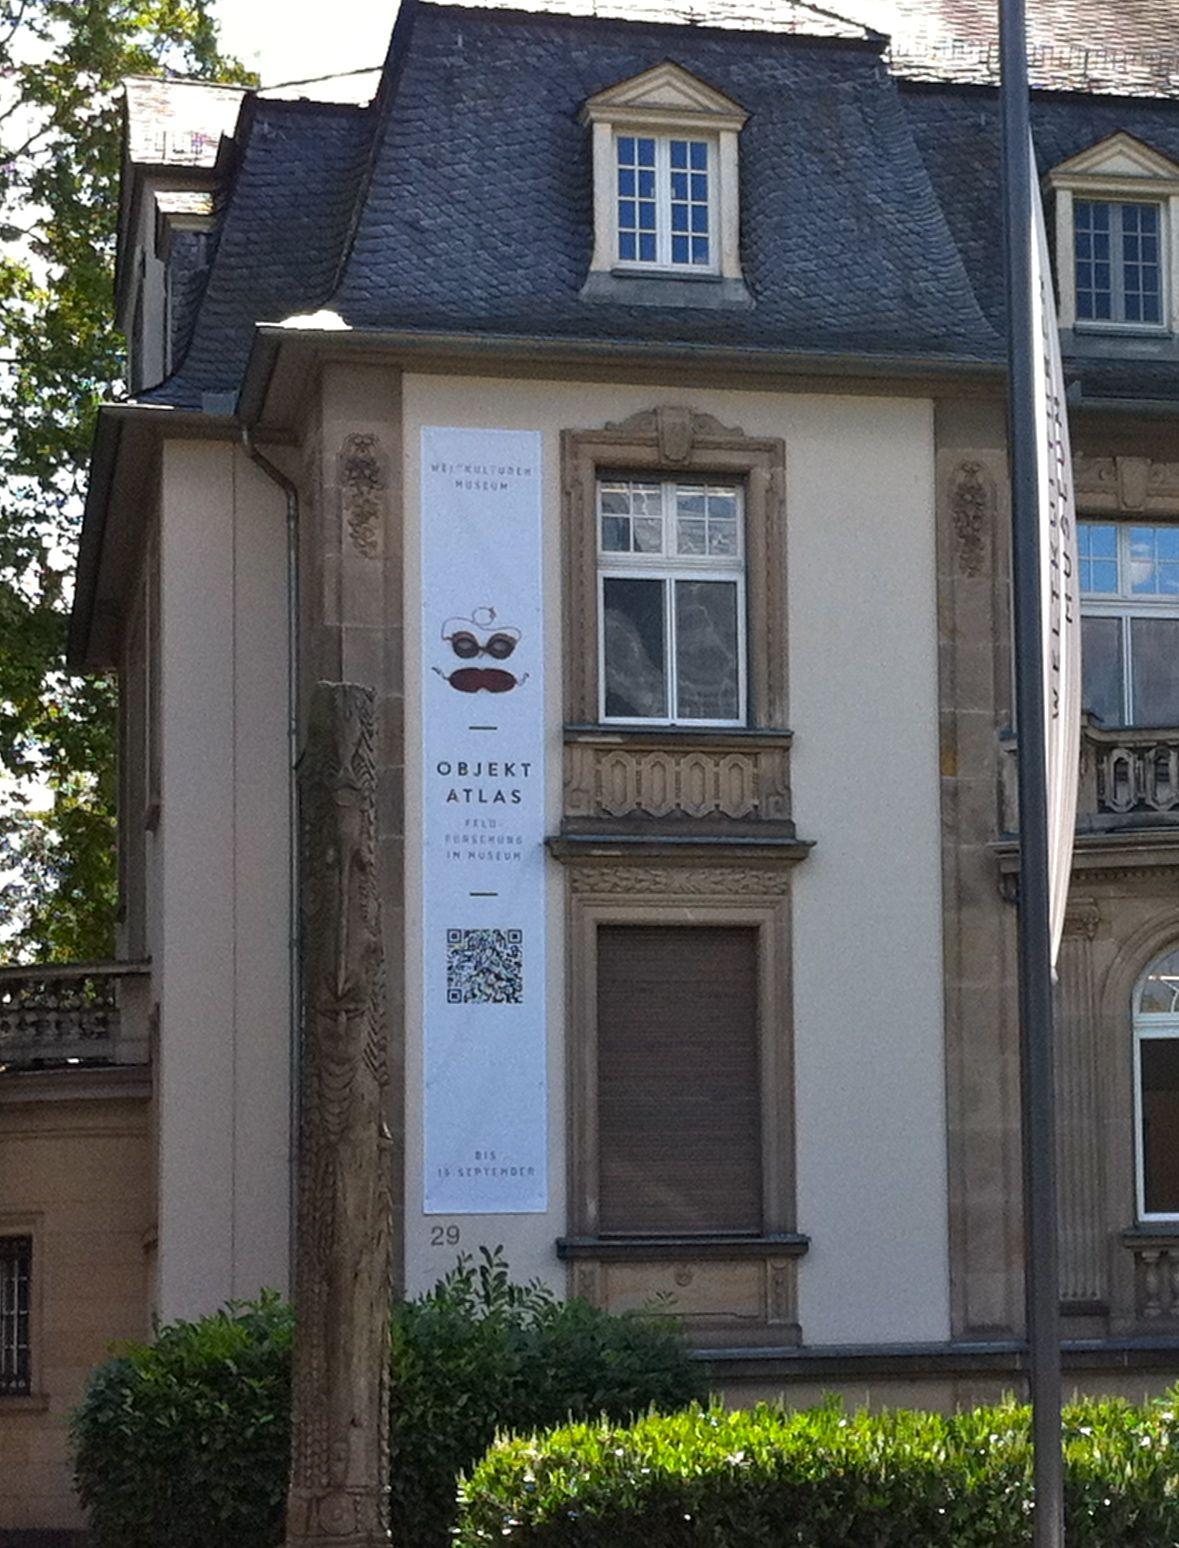 Feldforschung Im Museum Qr Code Am Weltkulturen Museum In Frankfurt Codigo Qr